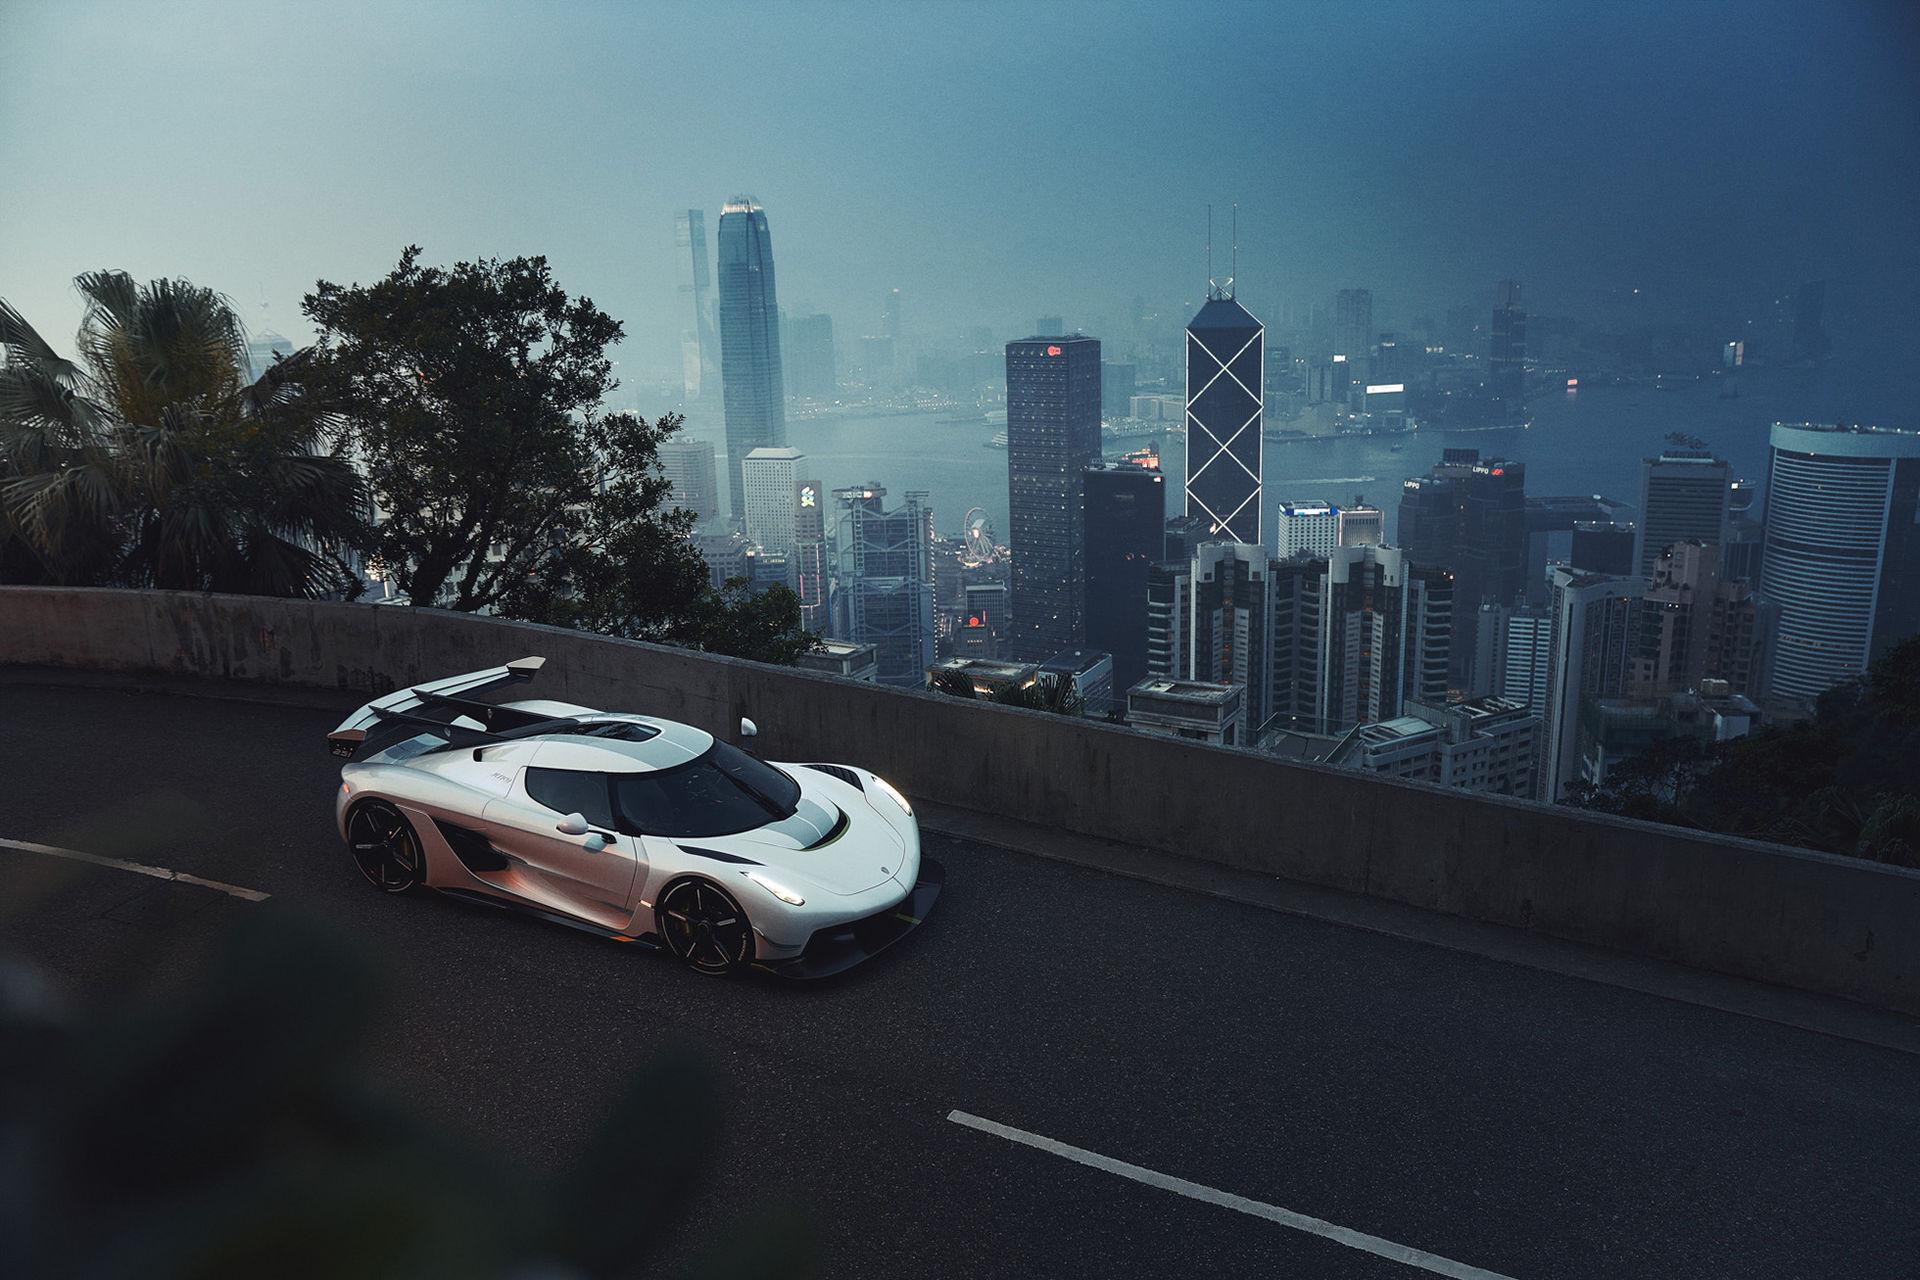 Callisma och Bendt Bil börjar sälja Koenigsegg